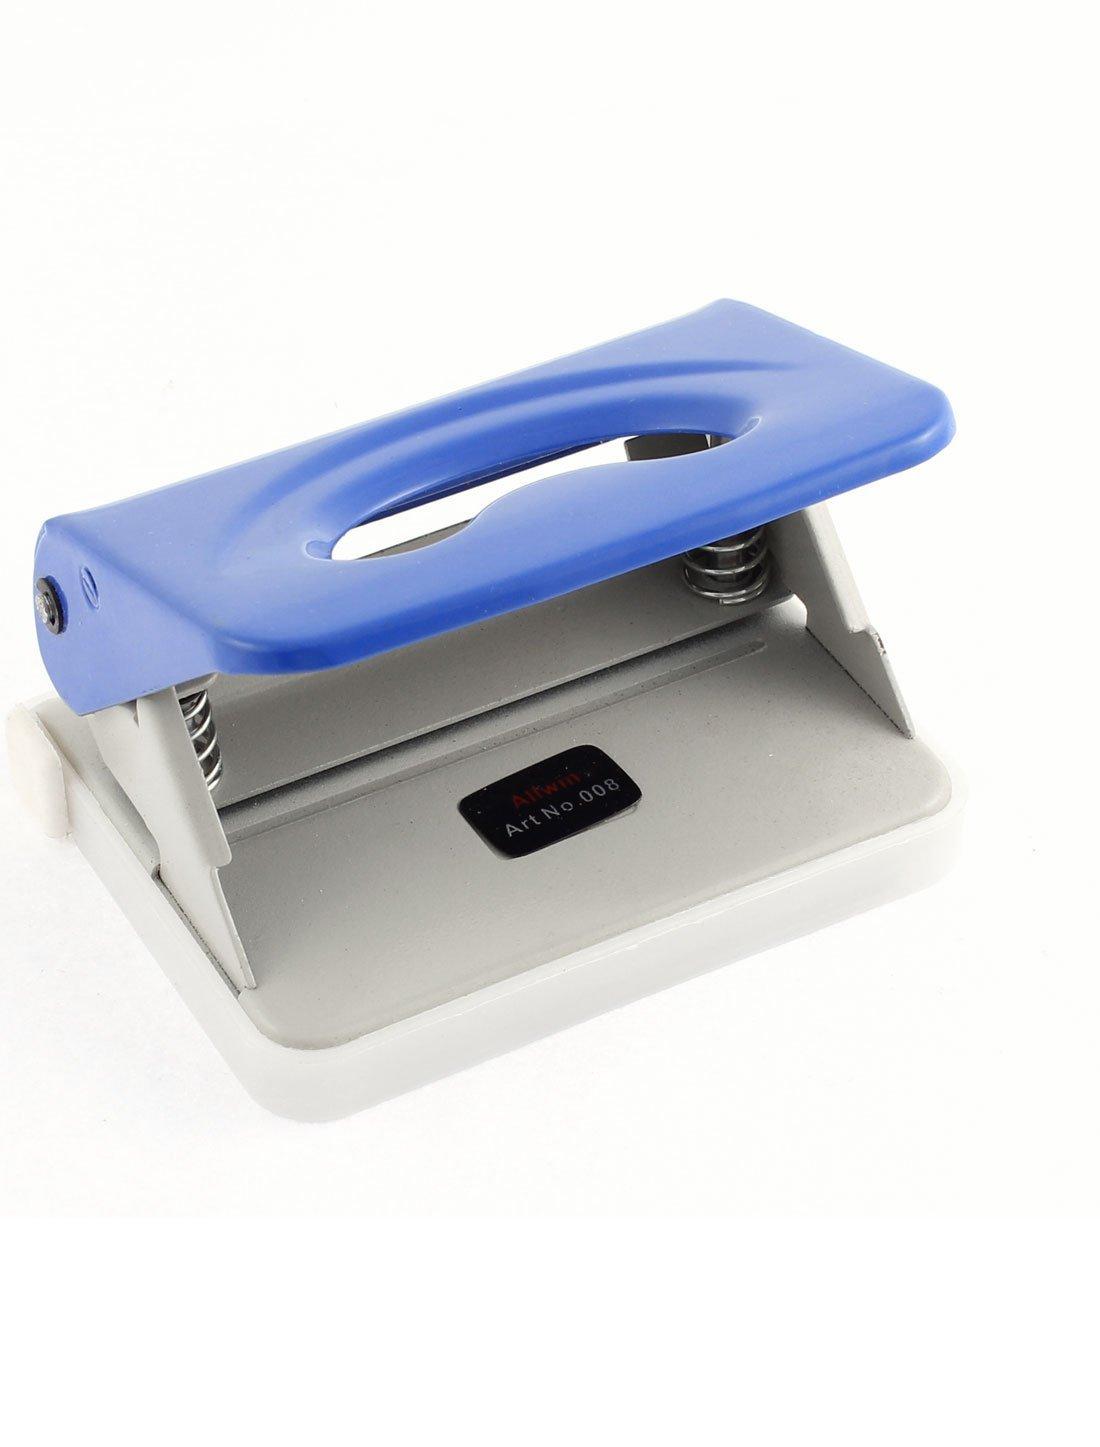 80mm Trou Distance Double trous DE 6 mm Appuyez sur Type de Papier perforé outil bleu